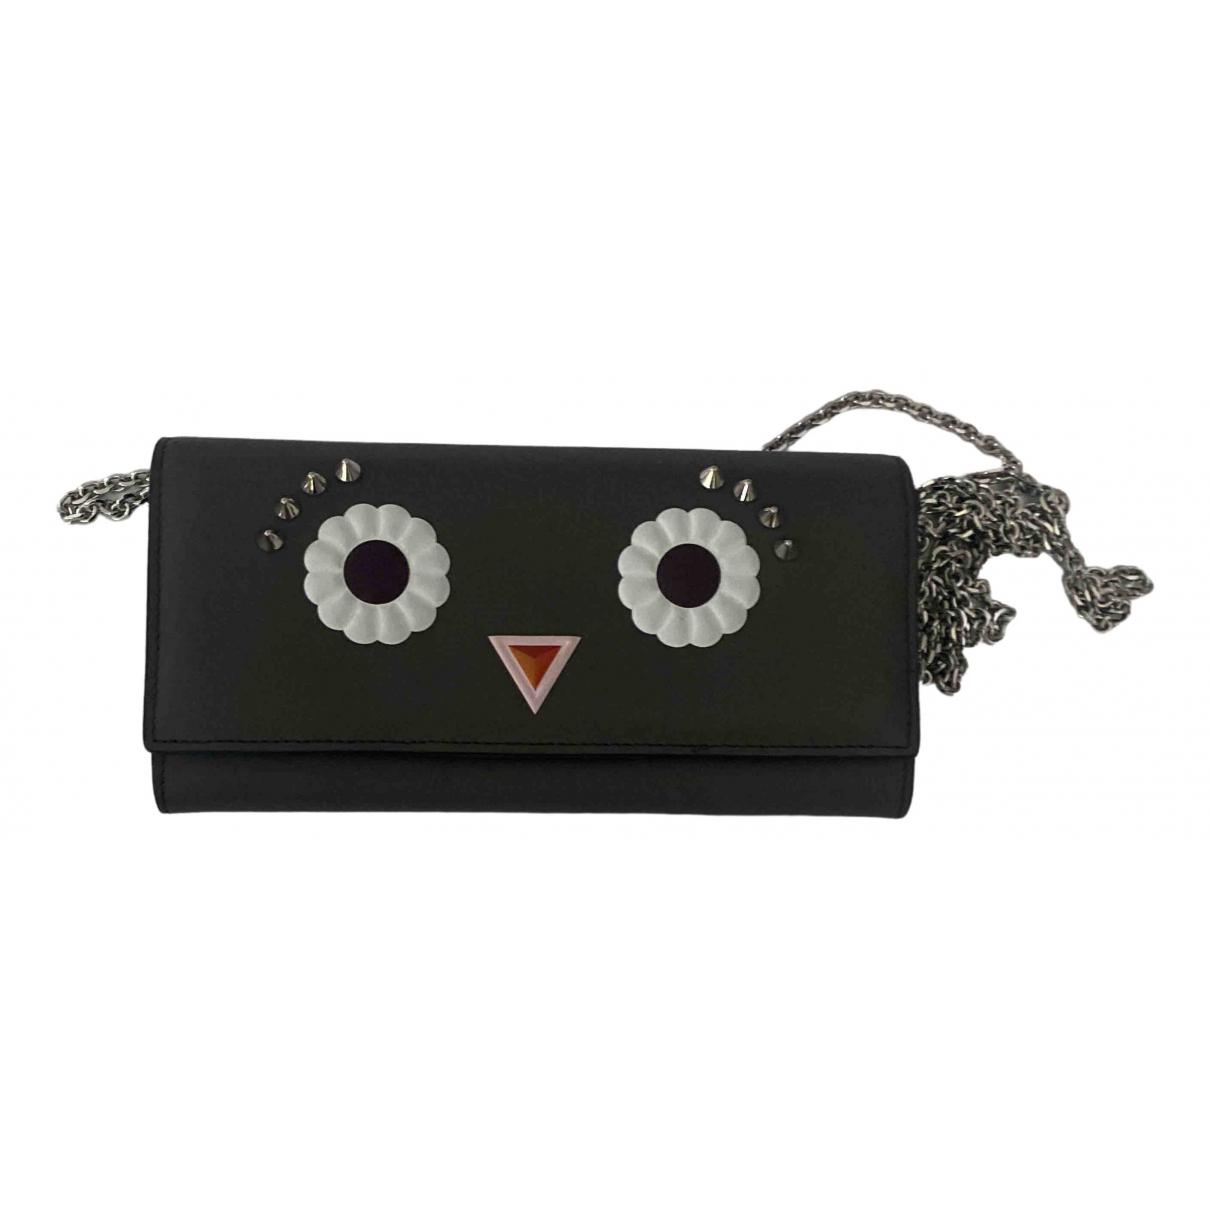 Fendi \N Grey Leather handbag for Women \N